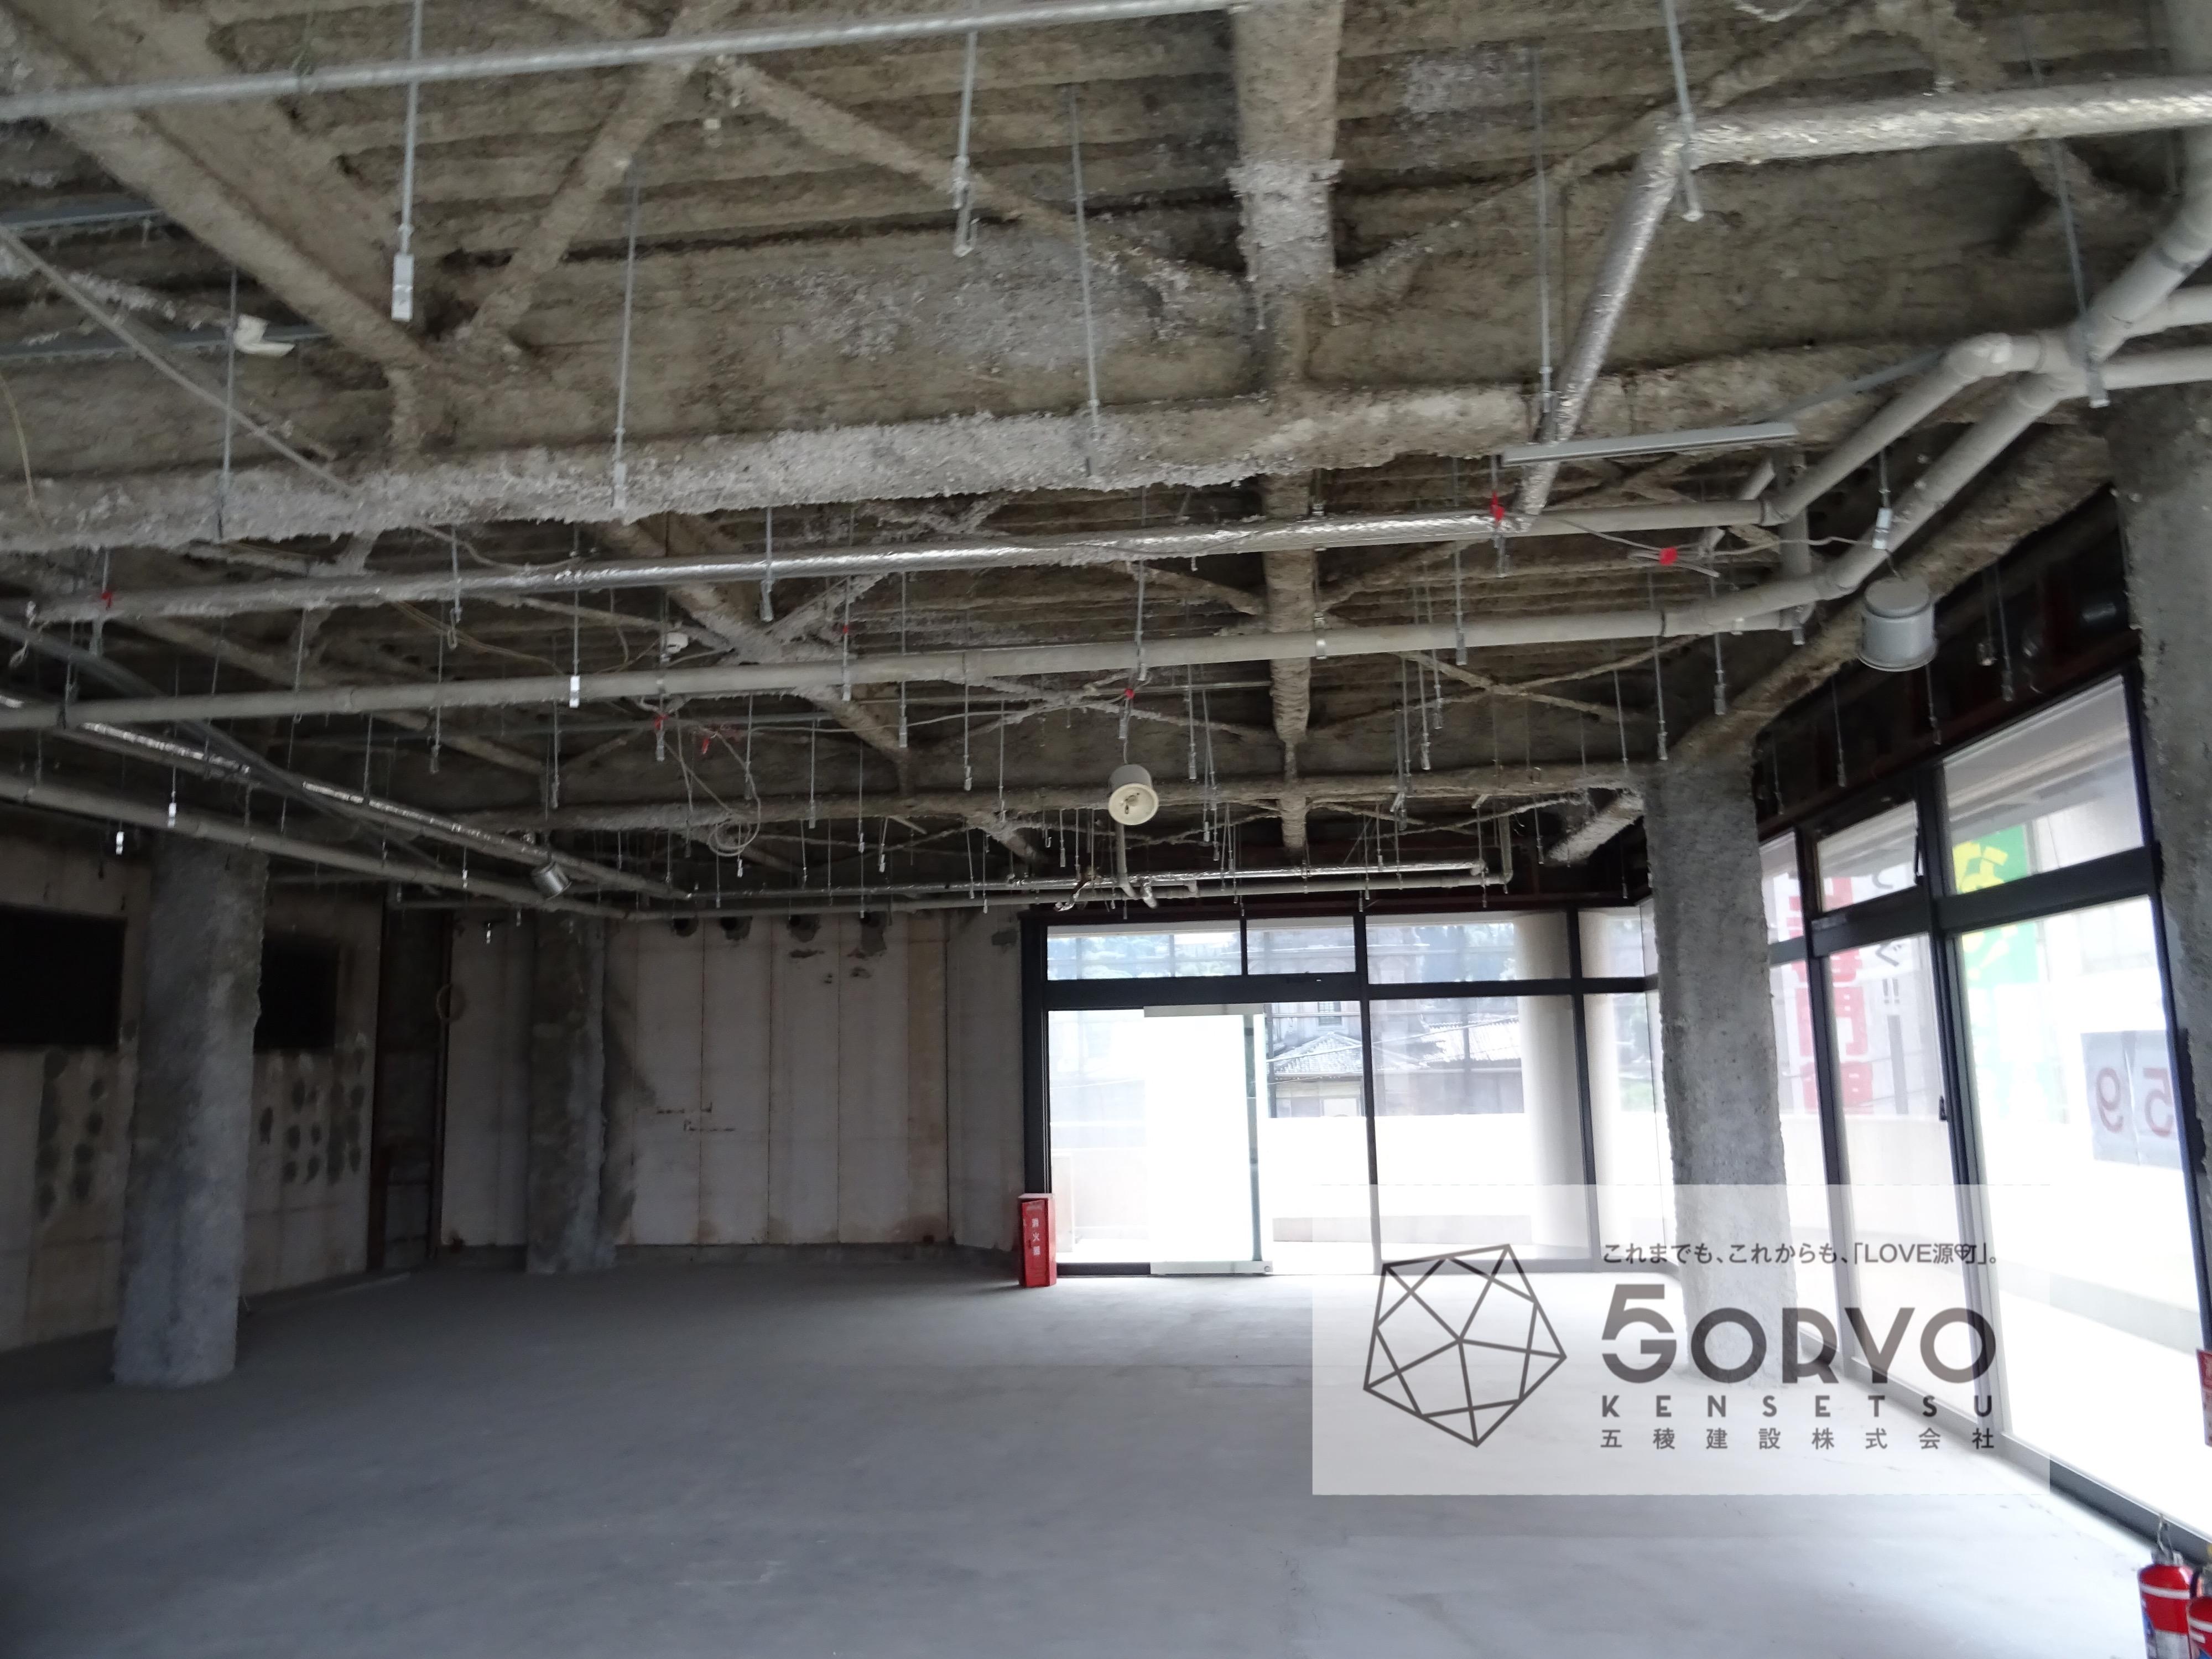 千葉市稲毛区 T保育園・ビル内の2階部分/保育室フロア内装工事:施工前